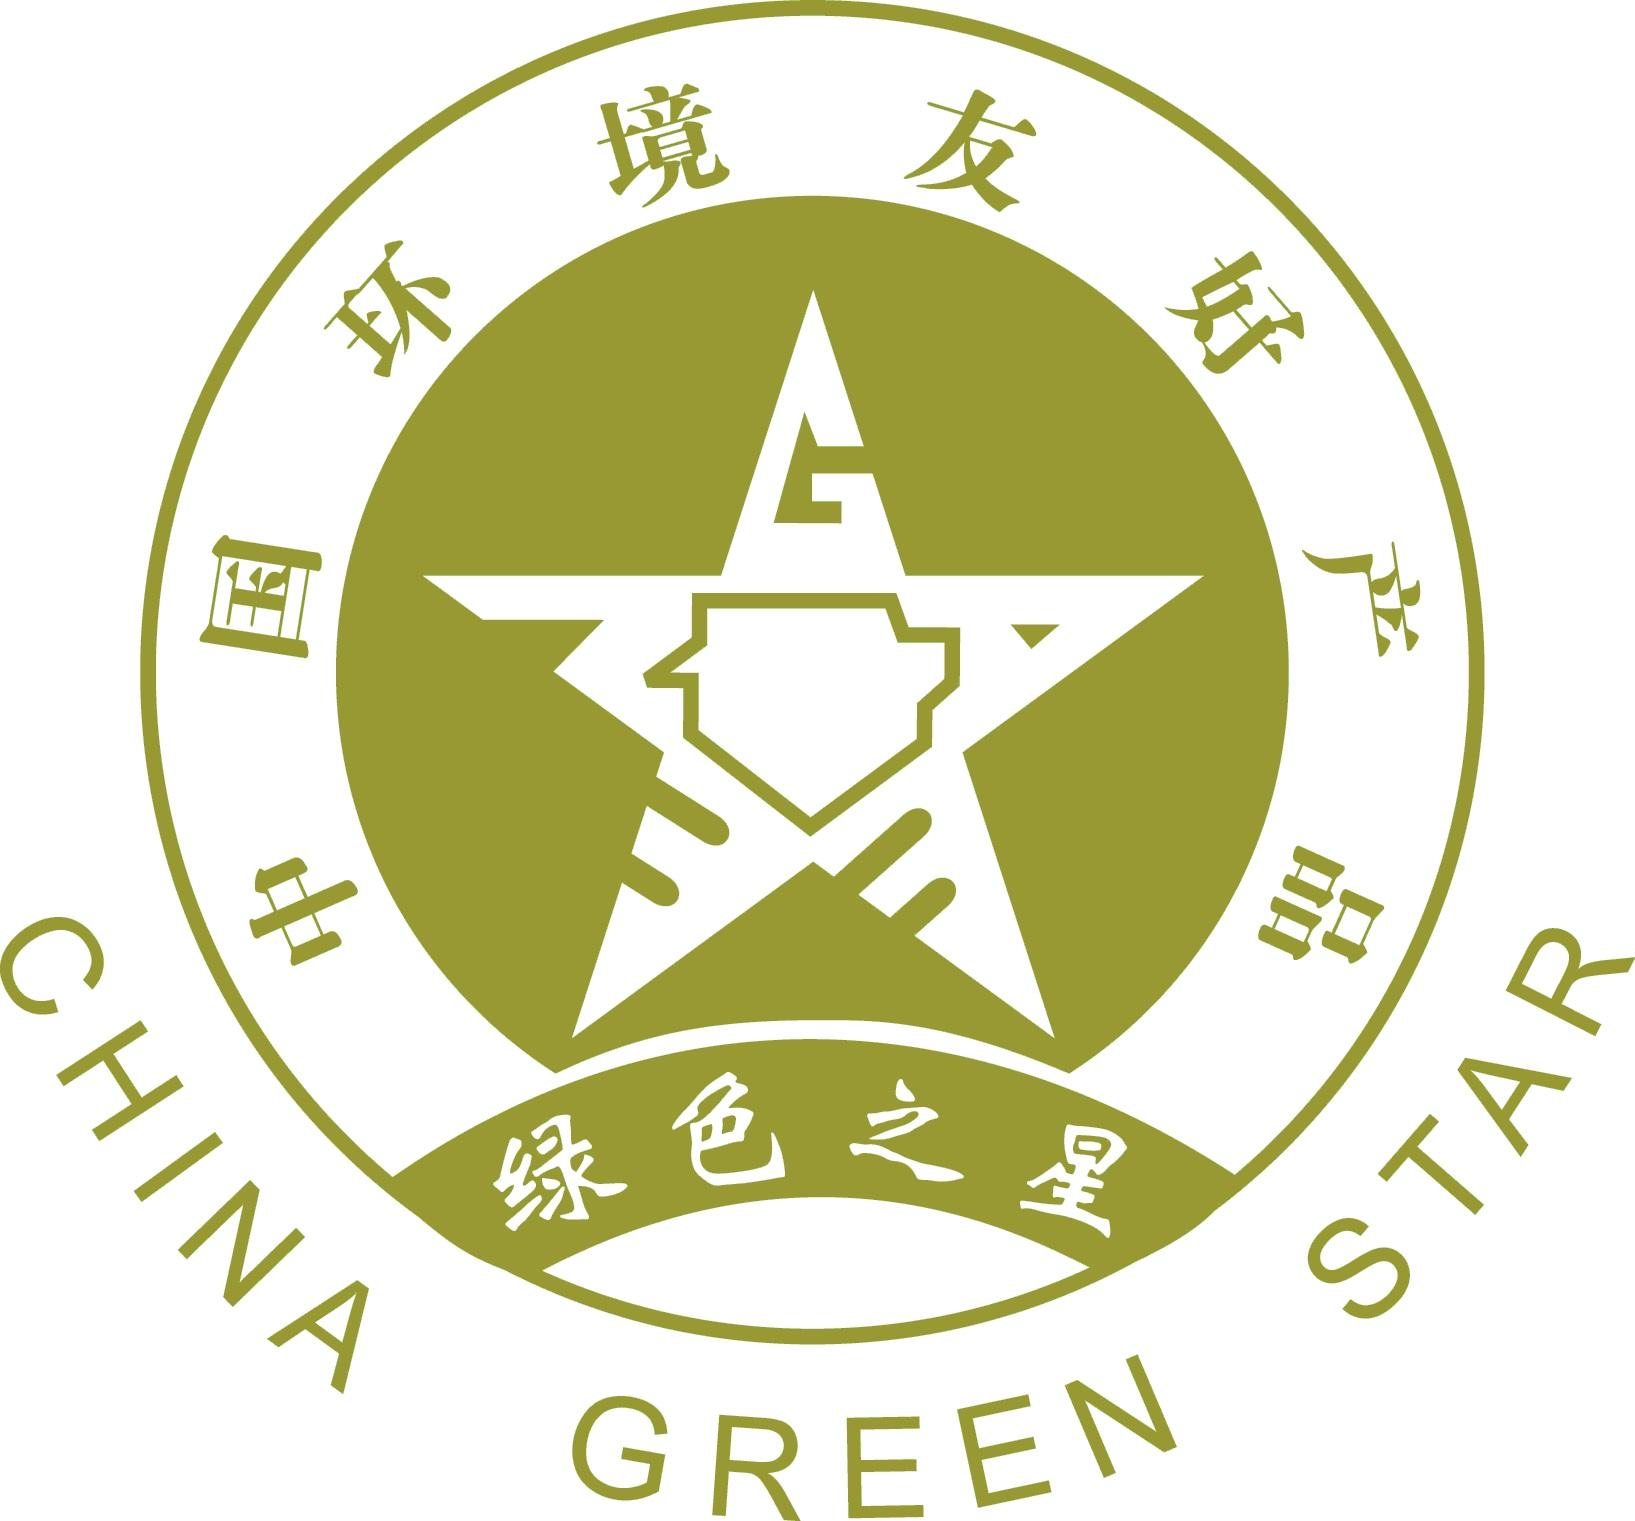 绿色之星环境友好产品认证是经国家认证监督行政管理部门批准,由中环协(北京)认证中心组织开展的一般工业品类环境友好产品认证工作。 绿色之星环境友好产品认证是以《中华人民共和国认证认可条例》、《绿色之星环境友好产品认证程序指南》和《绿色之星环境友好产品认证规则》为标准和依据,以产品检验、工厂检查和认证后监督为认证模式。全面审核申请企业在产品生产一致性、产品质量保证能力和生产环境建设情况等内容。按照认证规则的要求,经审核,颁发绿色之星环境友好产品认证证书,并准许企业在产品外包装和宣传推广过程中使用绿色环保证明性